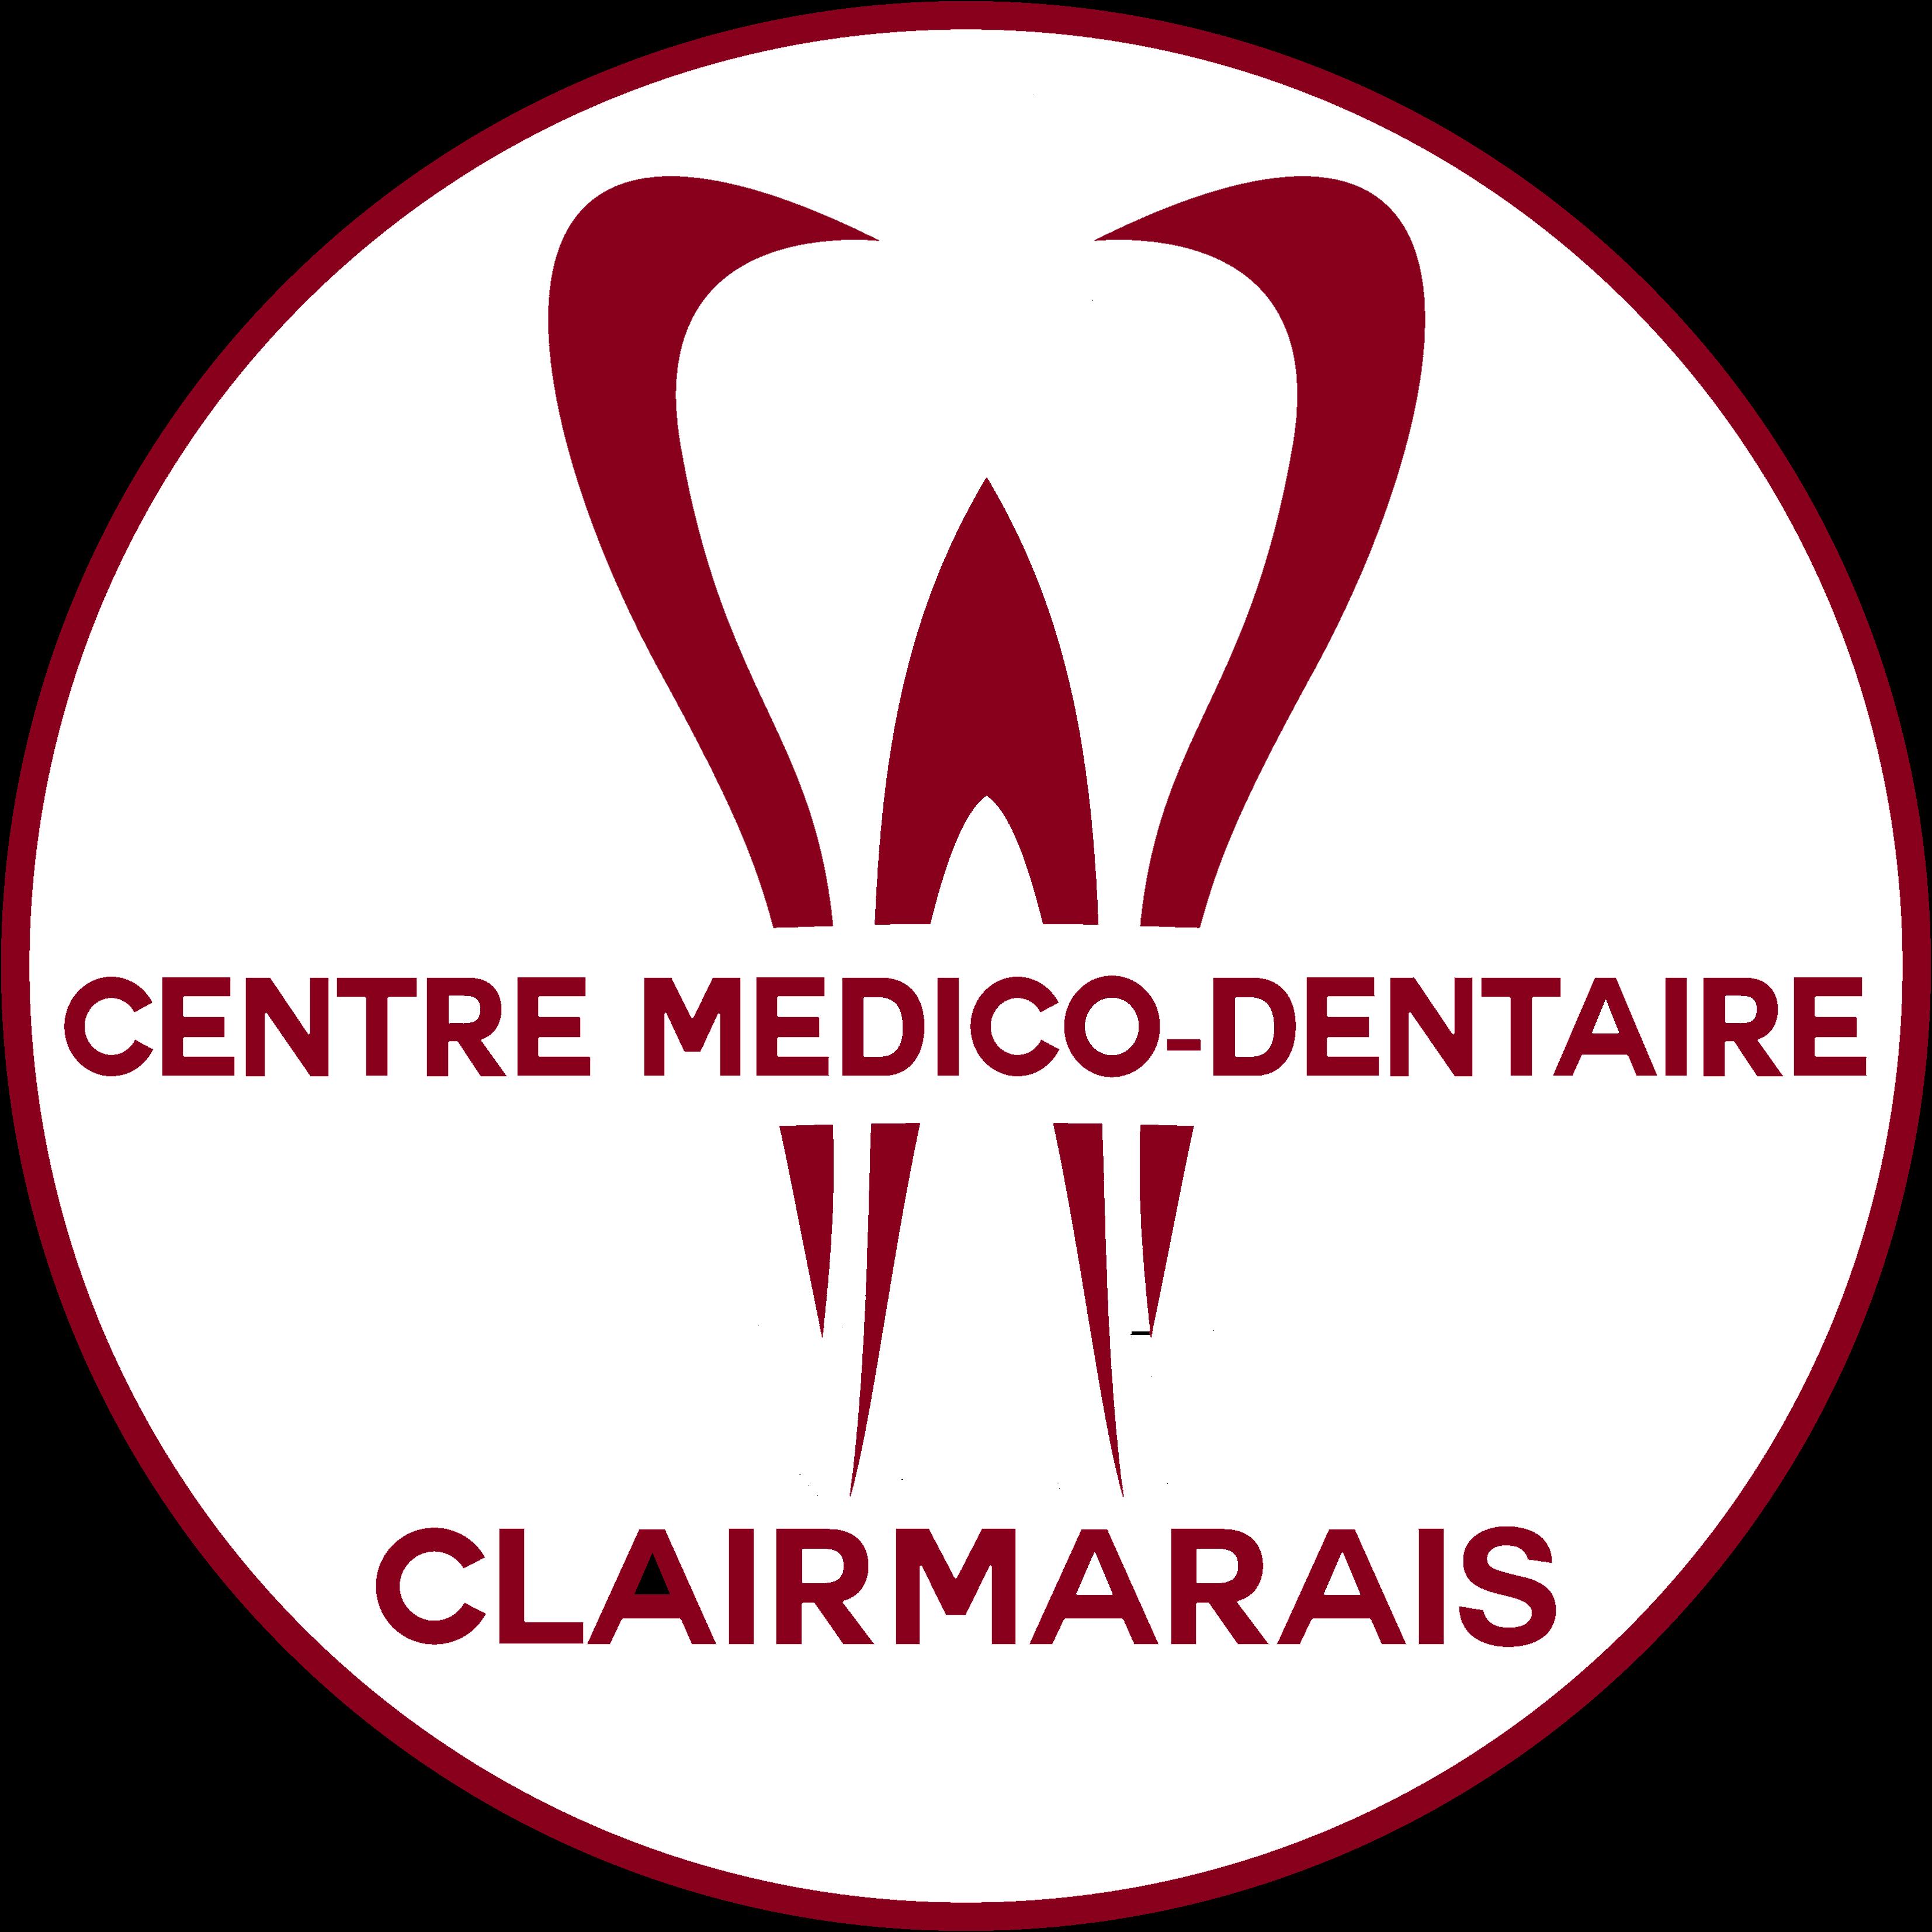 Logo Centre médico-dentaire Clairmarais